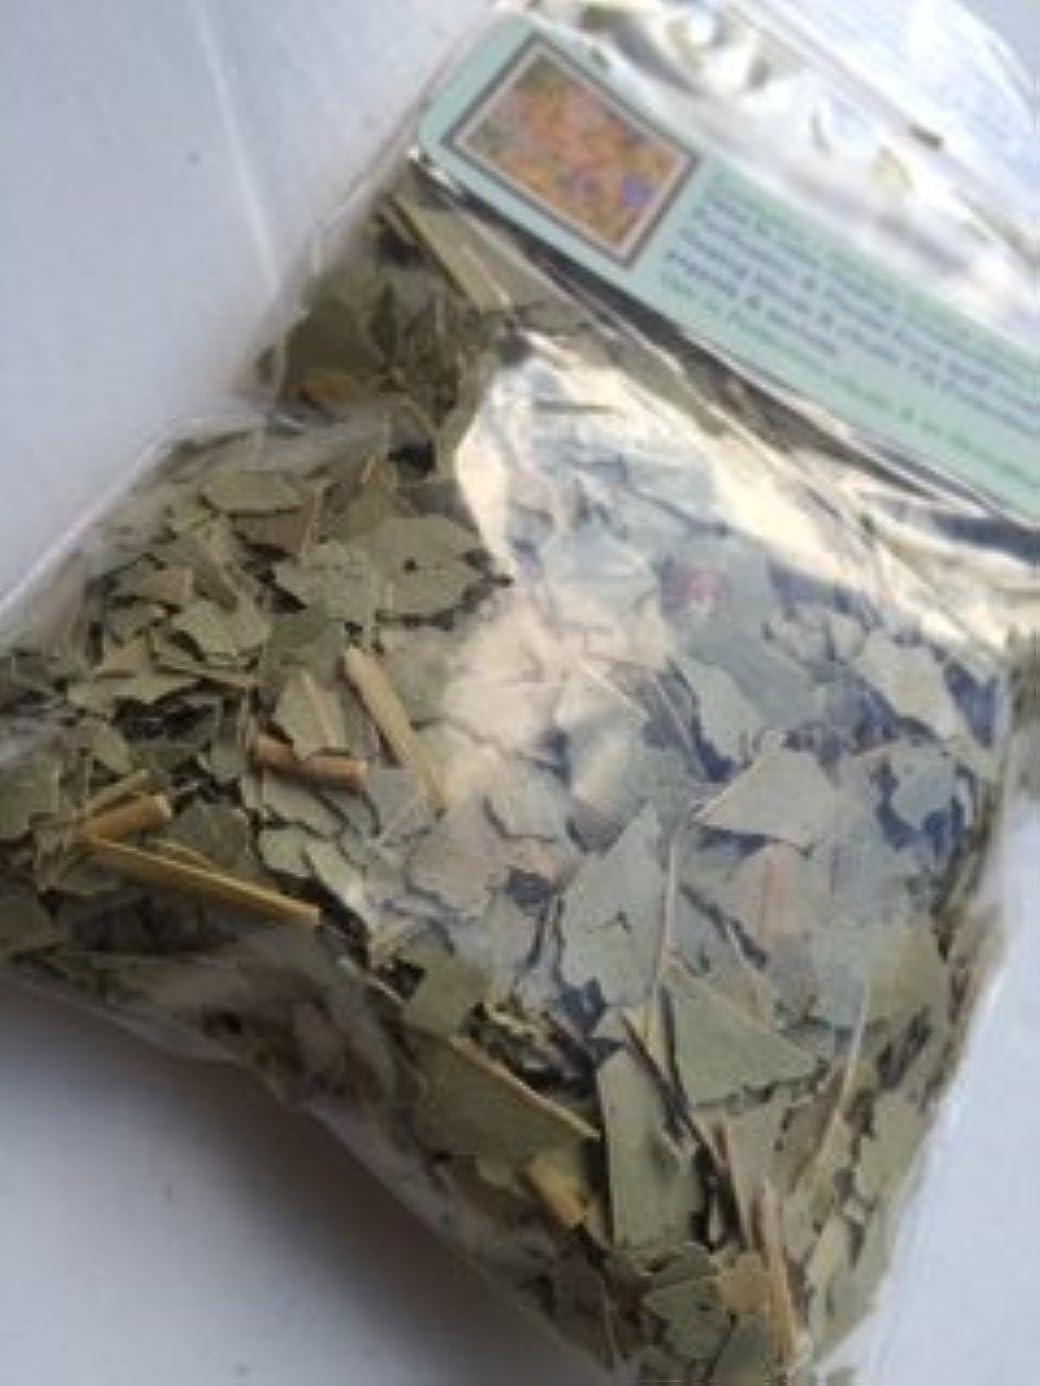 代表エジプト人ラリーDried Herb ~ 1 oz ~ユーカリカットリーフ~ Ravenz Roost Dried Herbs with special Info Onラベル